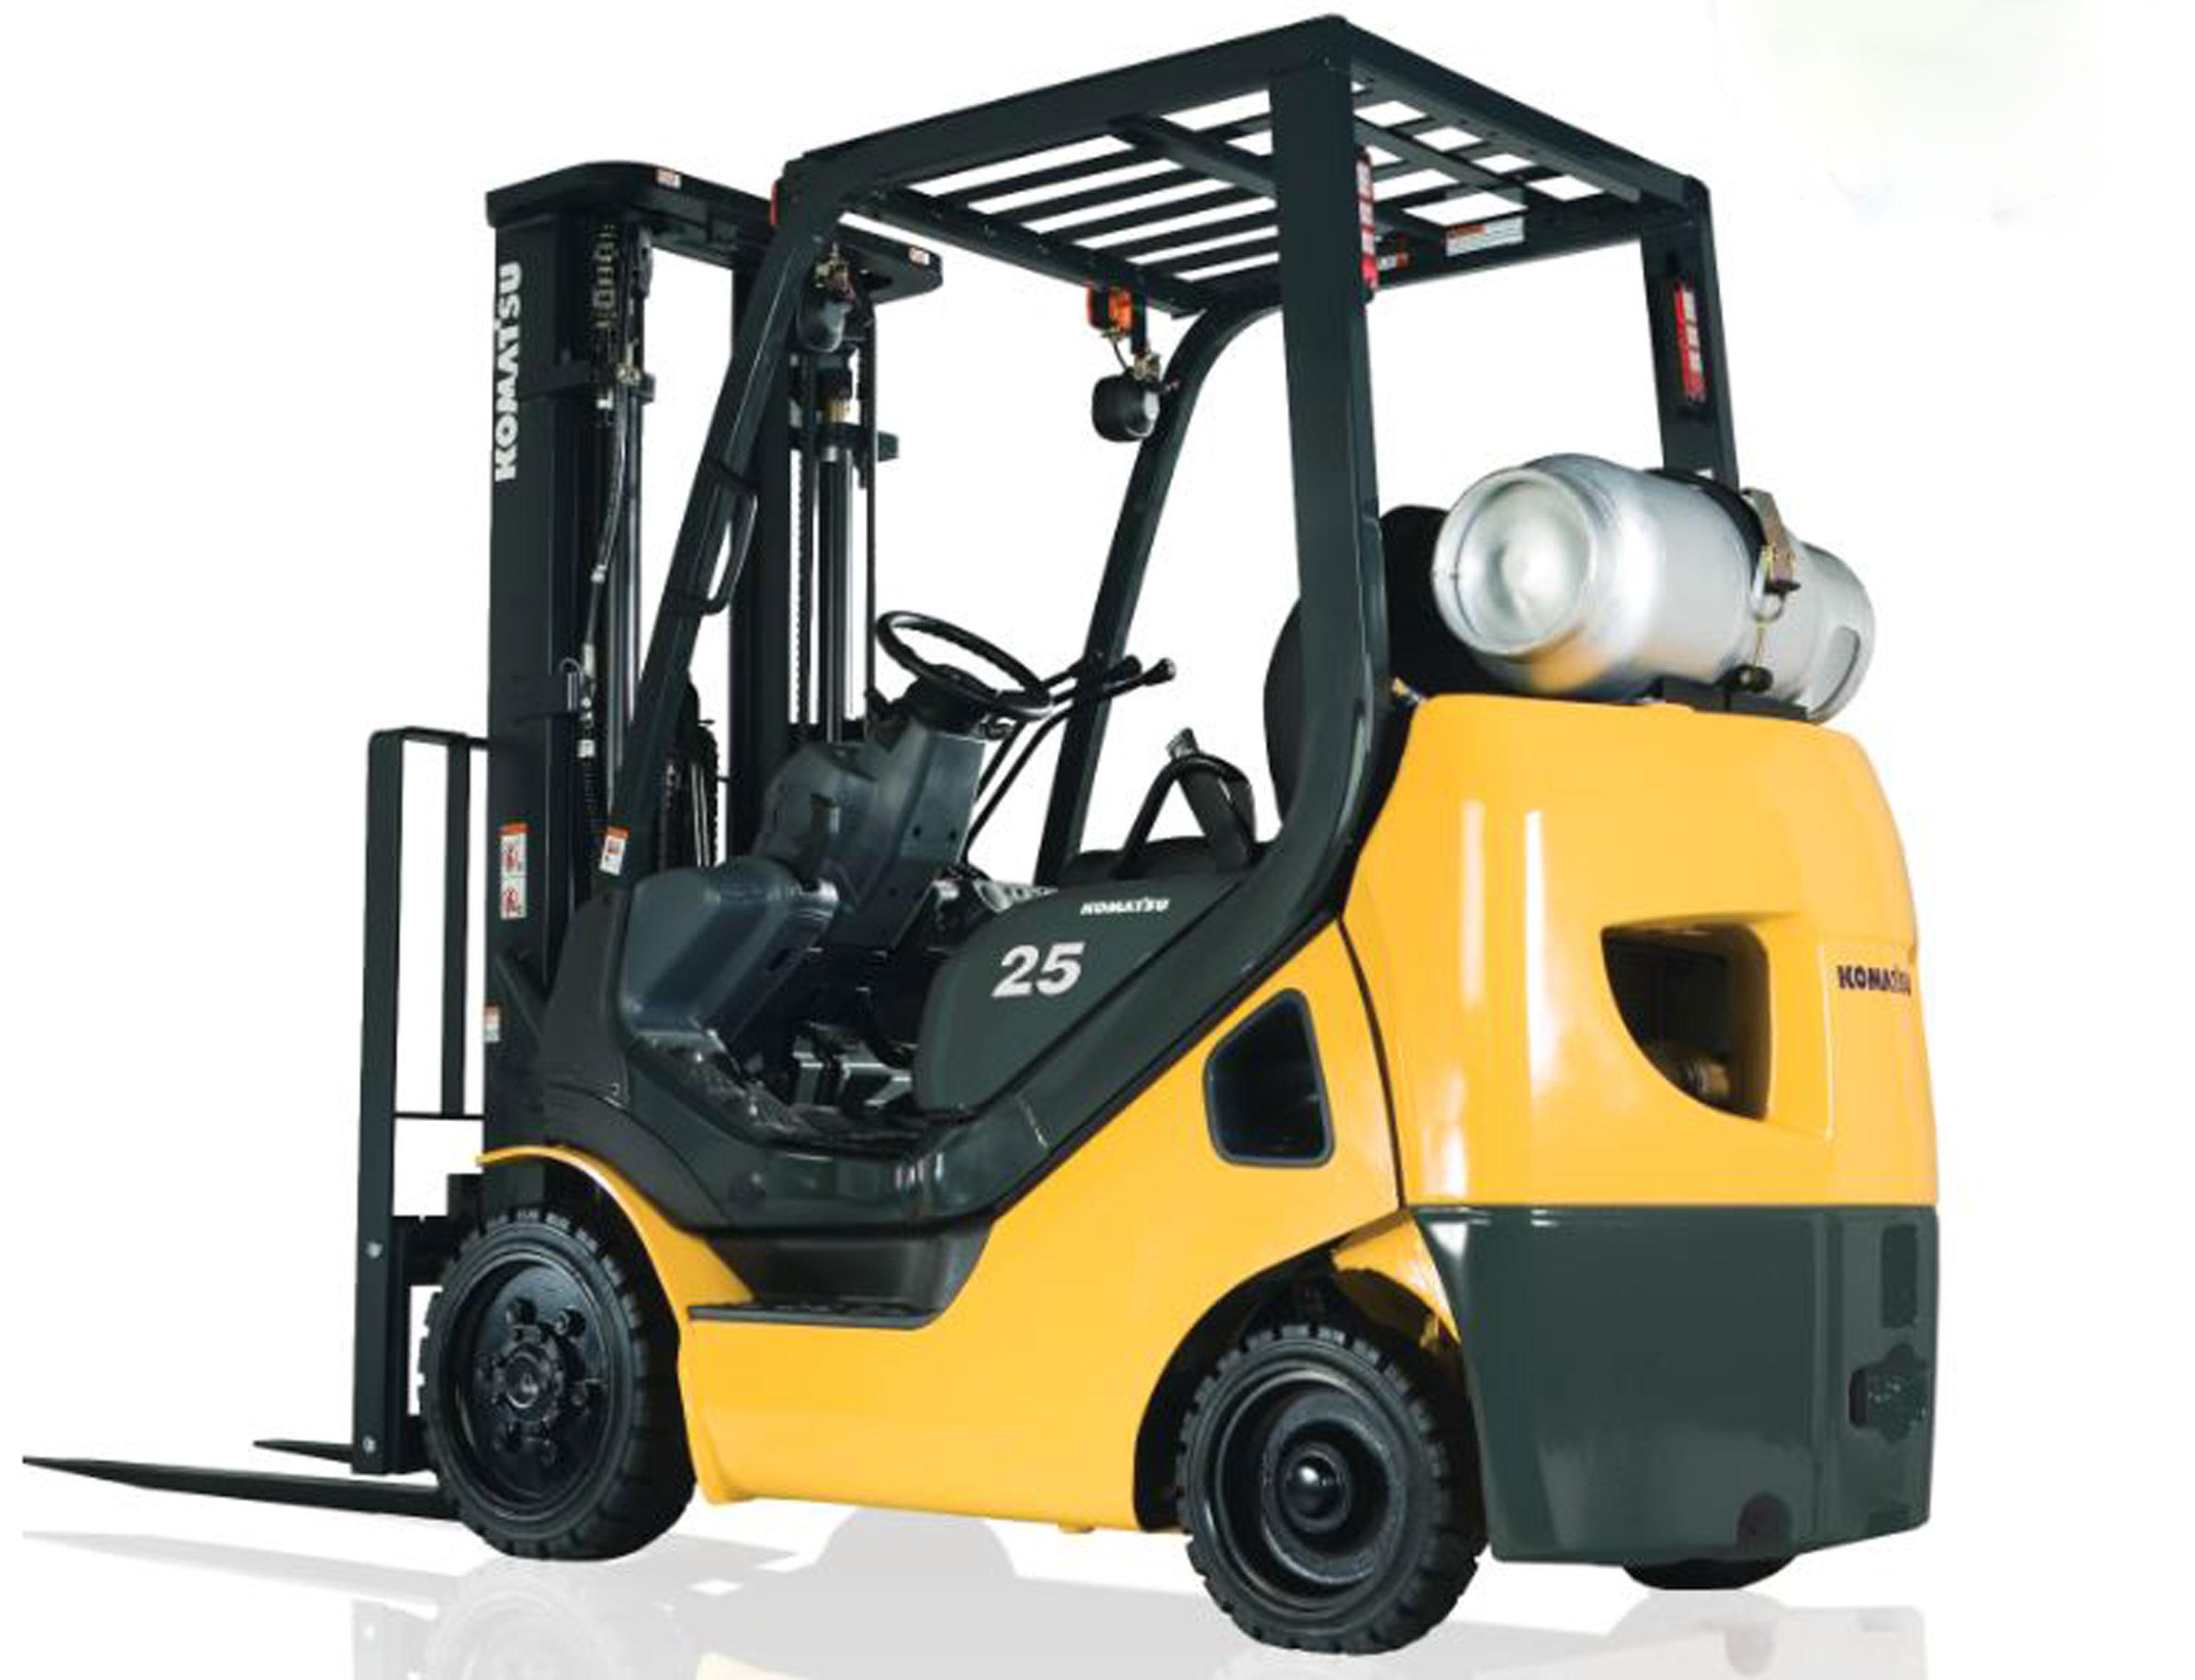 BX50-Cushion-4-6500-lb.jpg.1